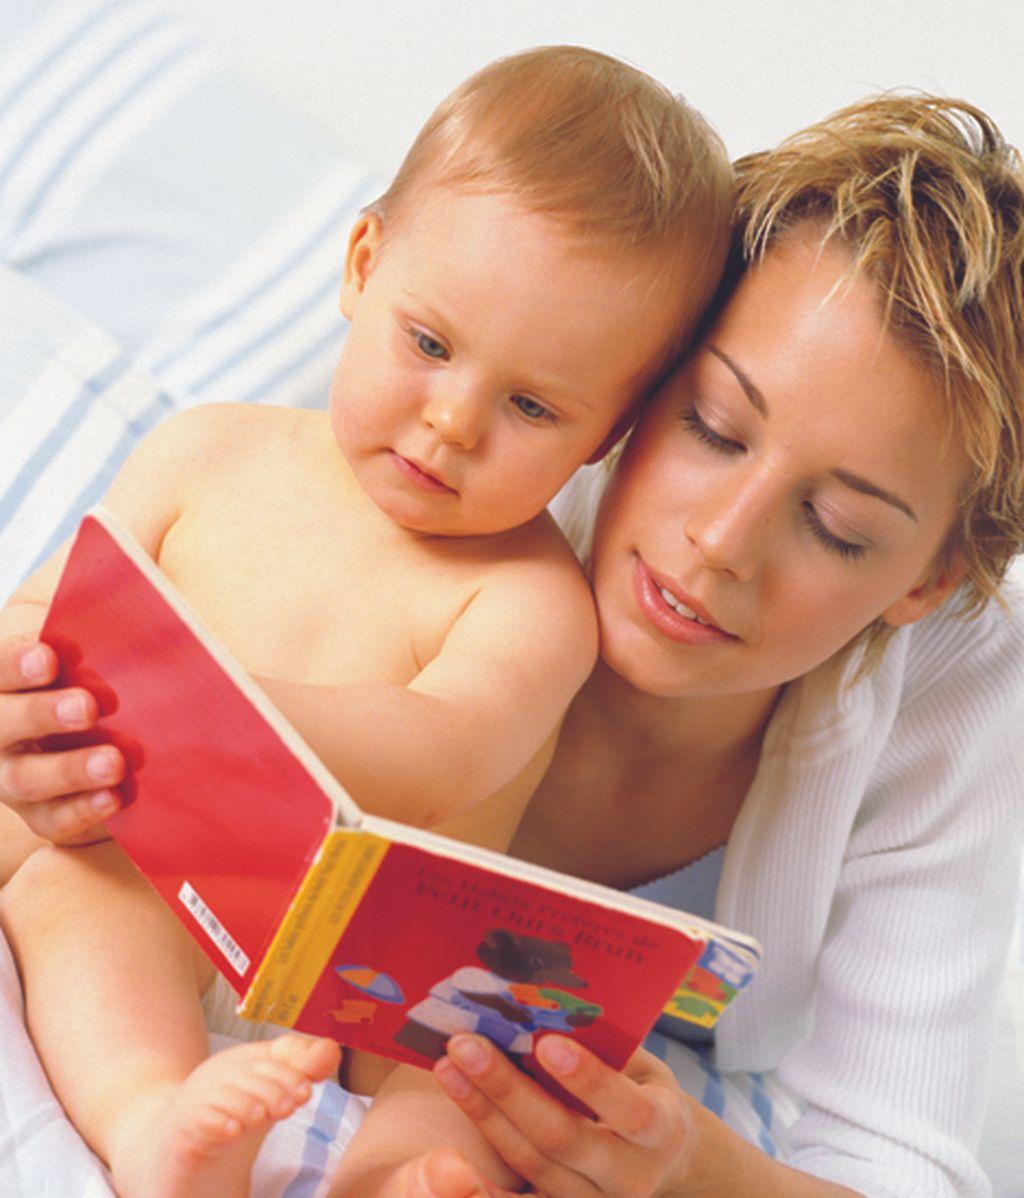 Leer un cuento a su bebé antes de dormir es tan importante como una buena alimentación